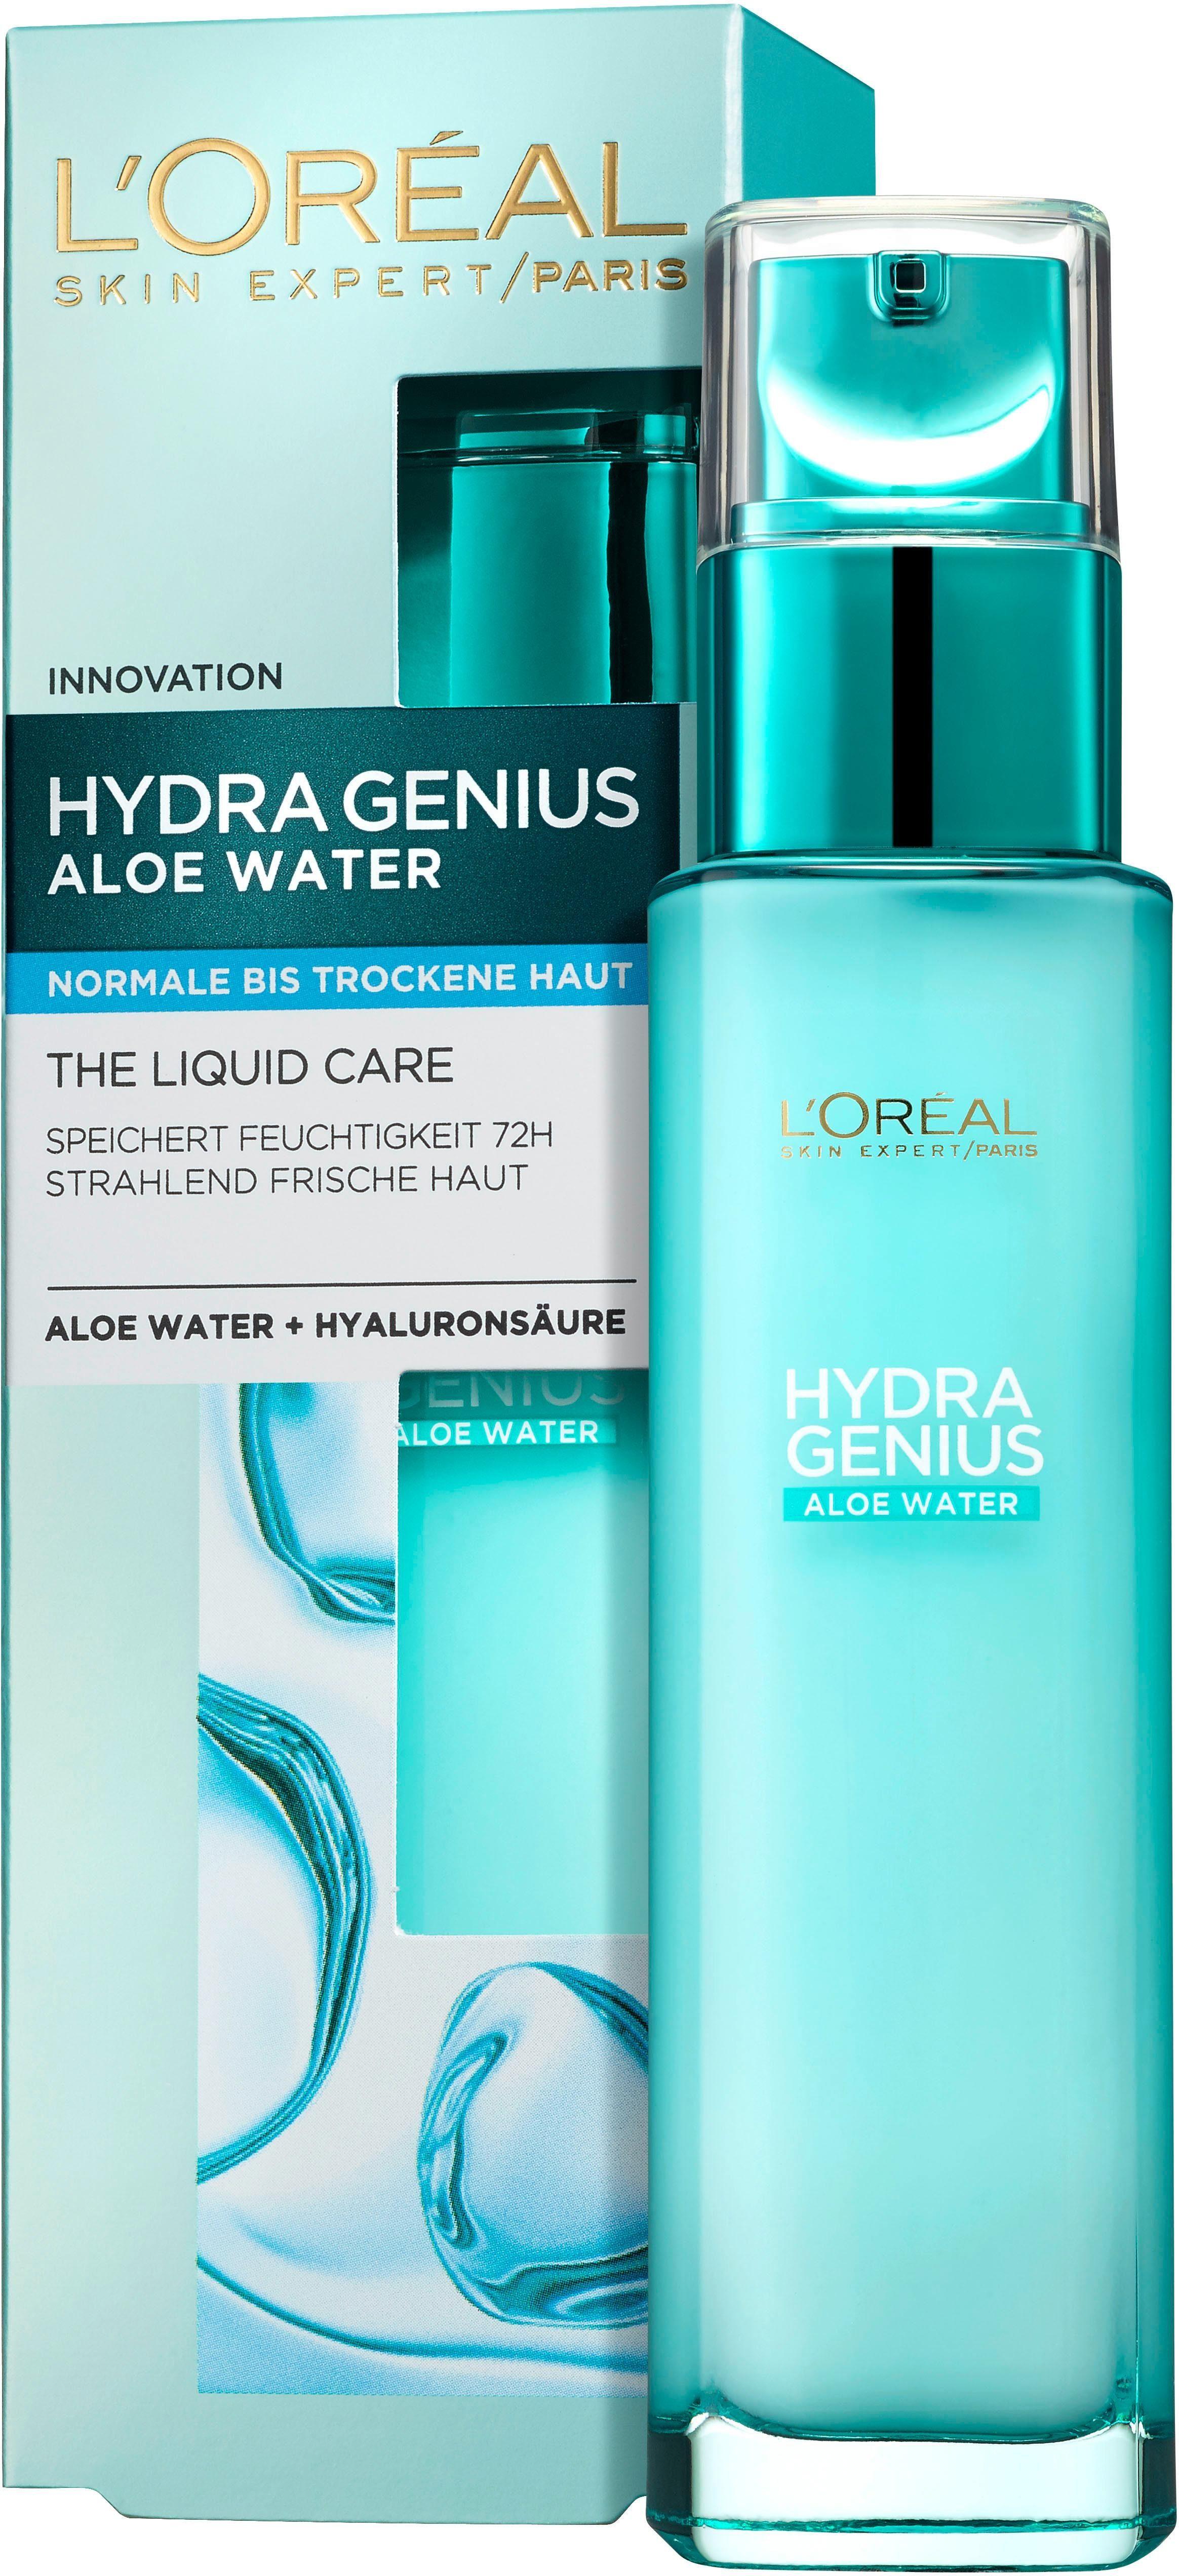 L'Oréal Paris, »Hydra Genius Aloe Aqua Feuchtigkeitsfluid«, Gesichtspflege für normale bis trockene Haut